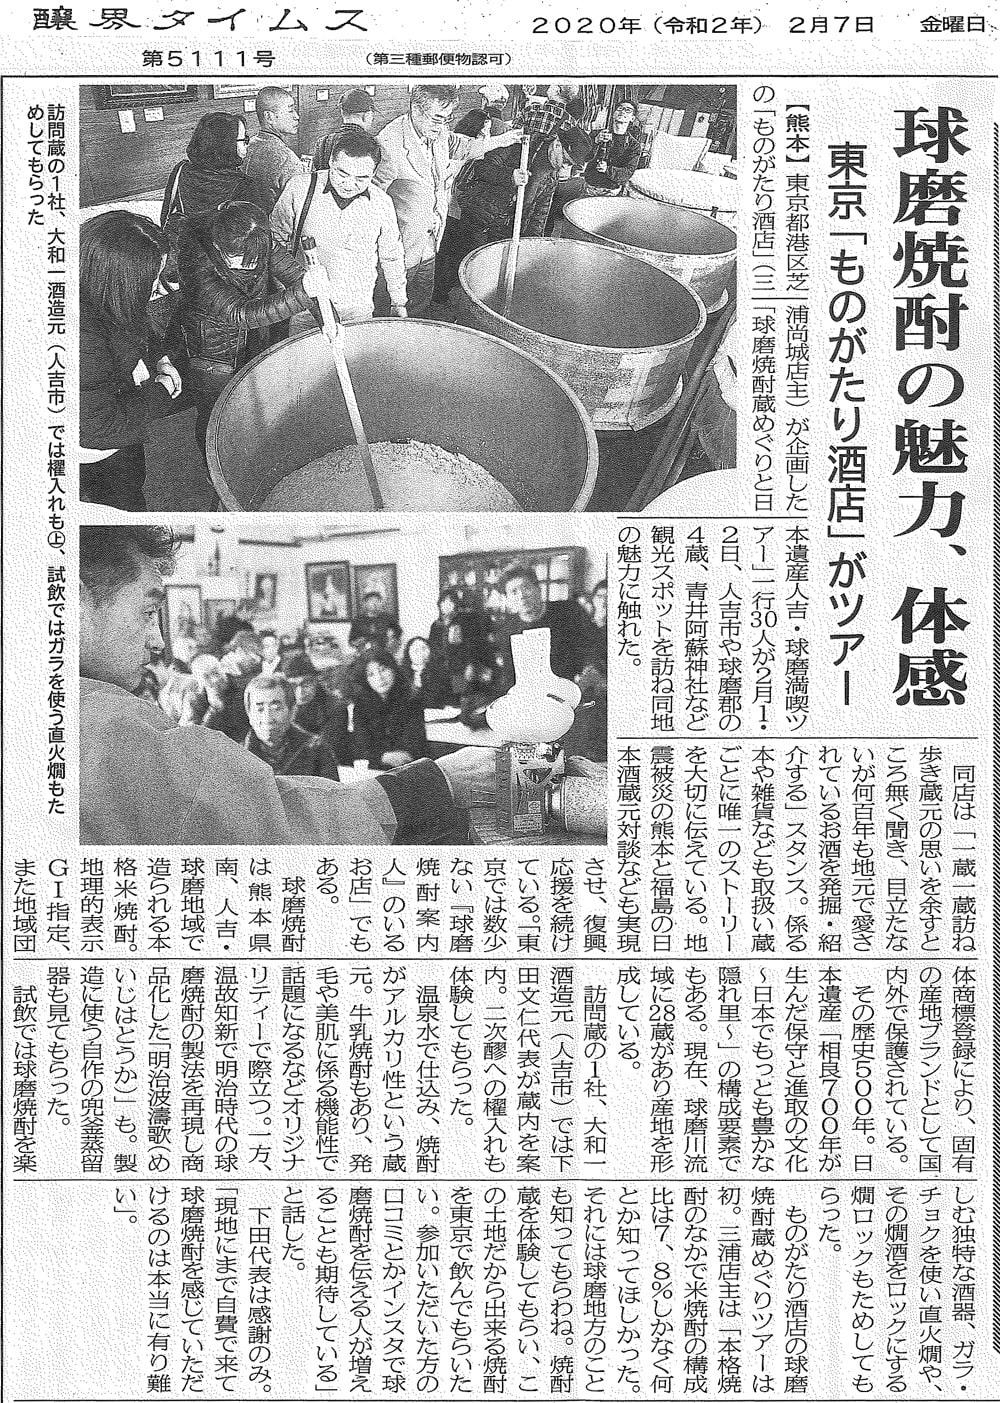 『醸界タイムス』「球磨焼酎めぐりと日本遺産人吉・球磨満喫ツアー」掲載記事